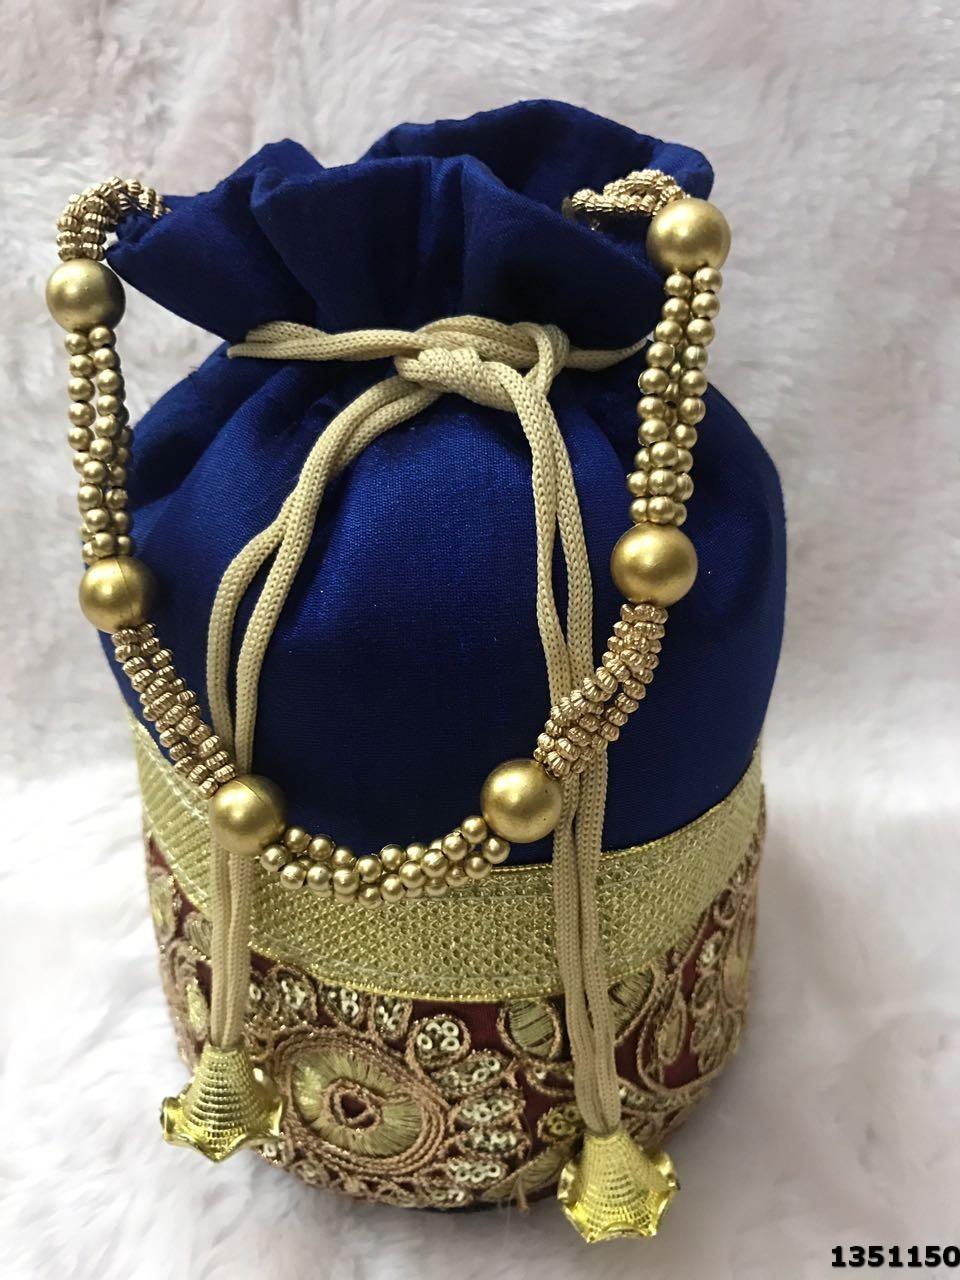 Ethnic Embroidered Potli Bag